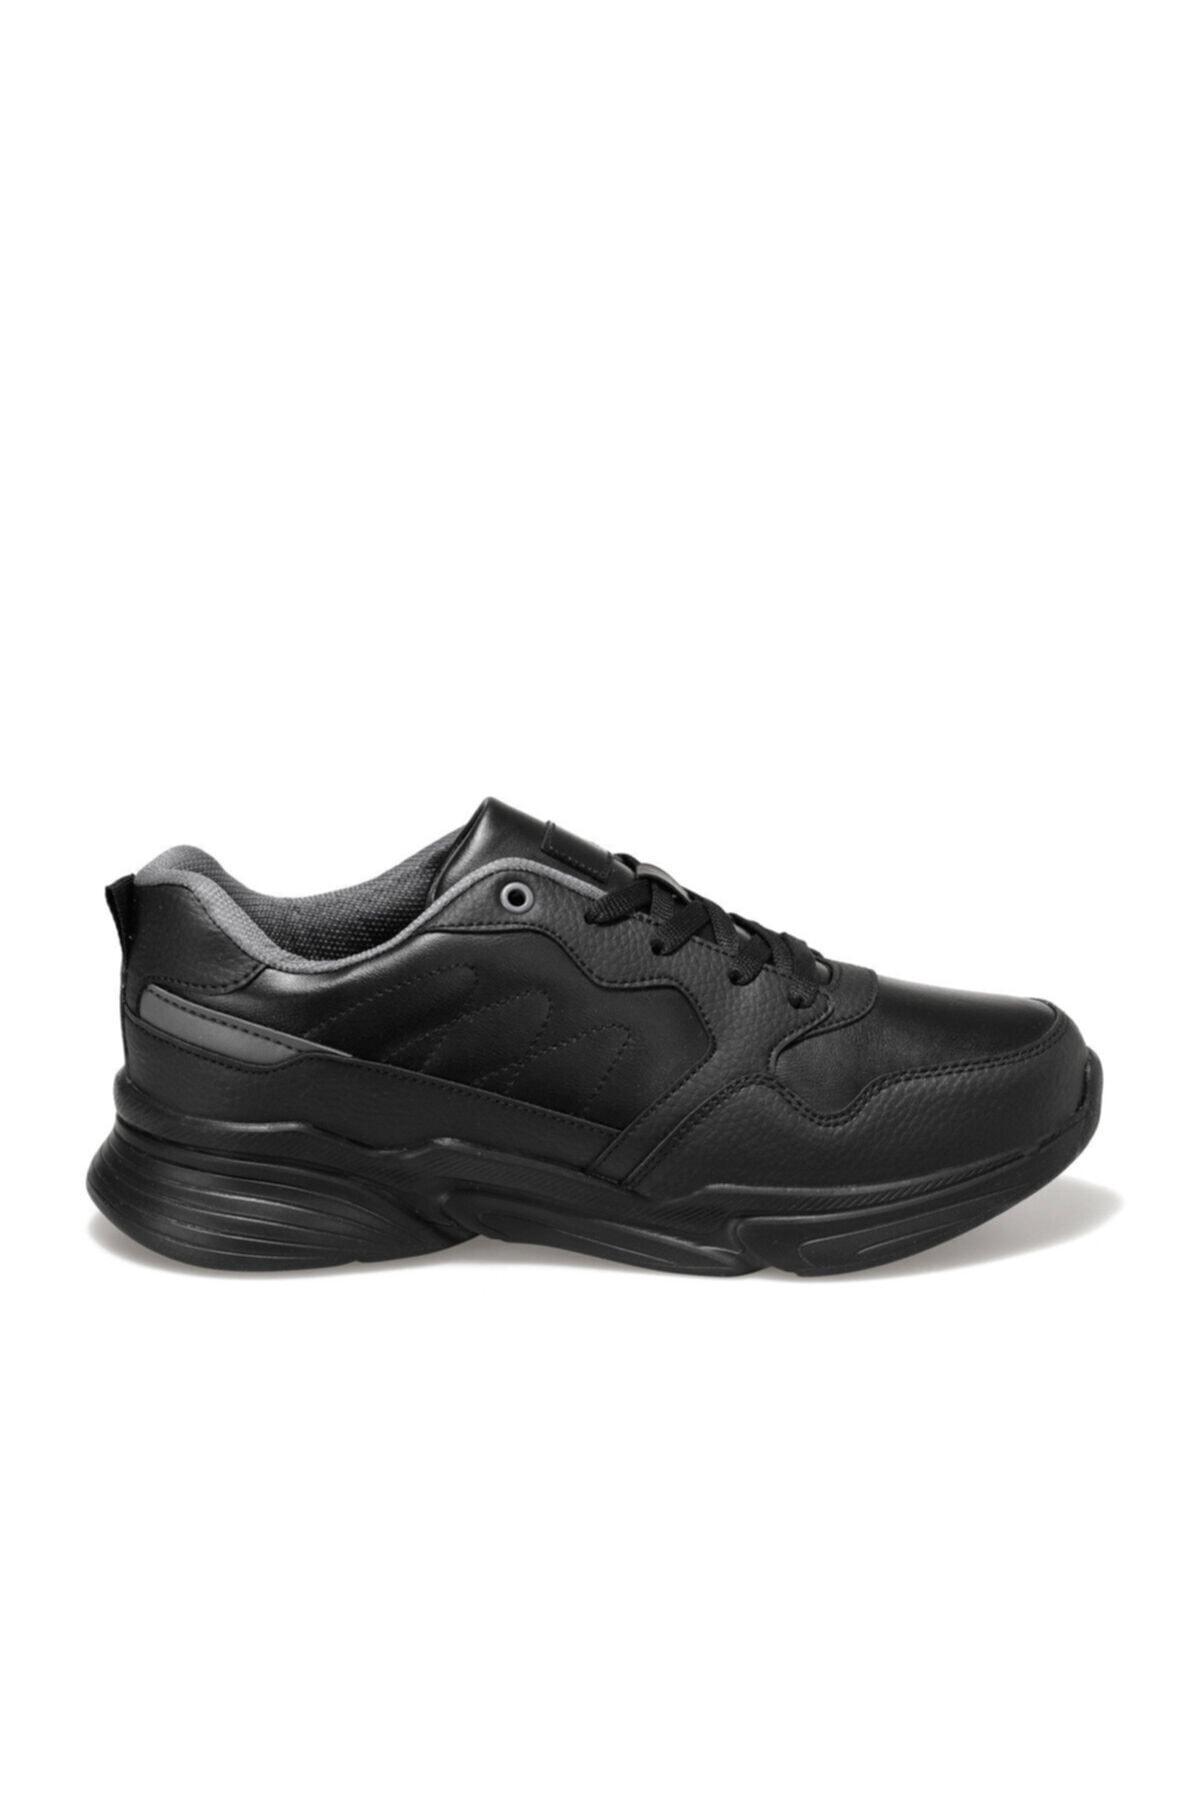 FORESTER EC-2010 Siyah Erkek Spor Ayakkabı 101015670 2